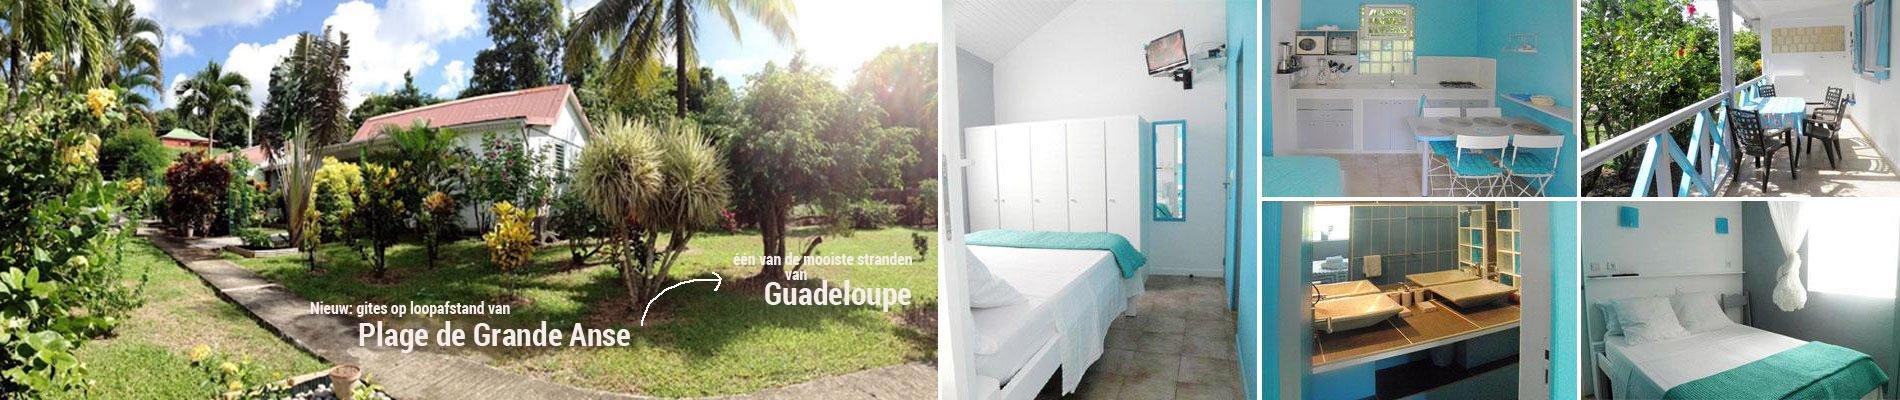 vakantiehuisjes-soleil-couchant-guadeloupe